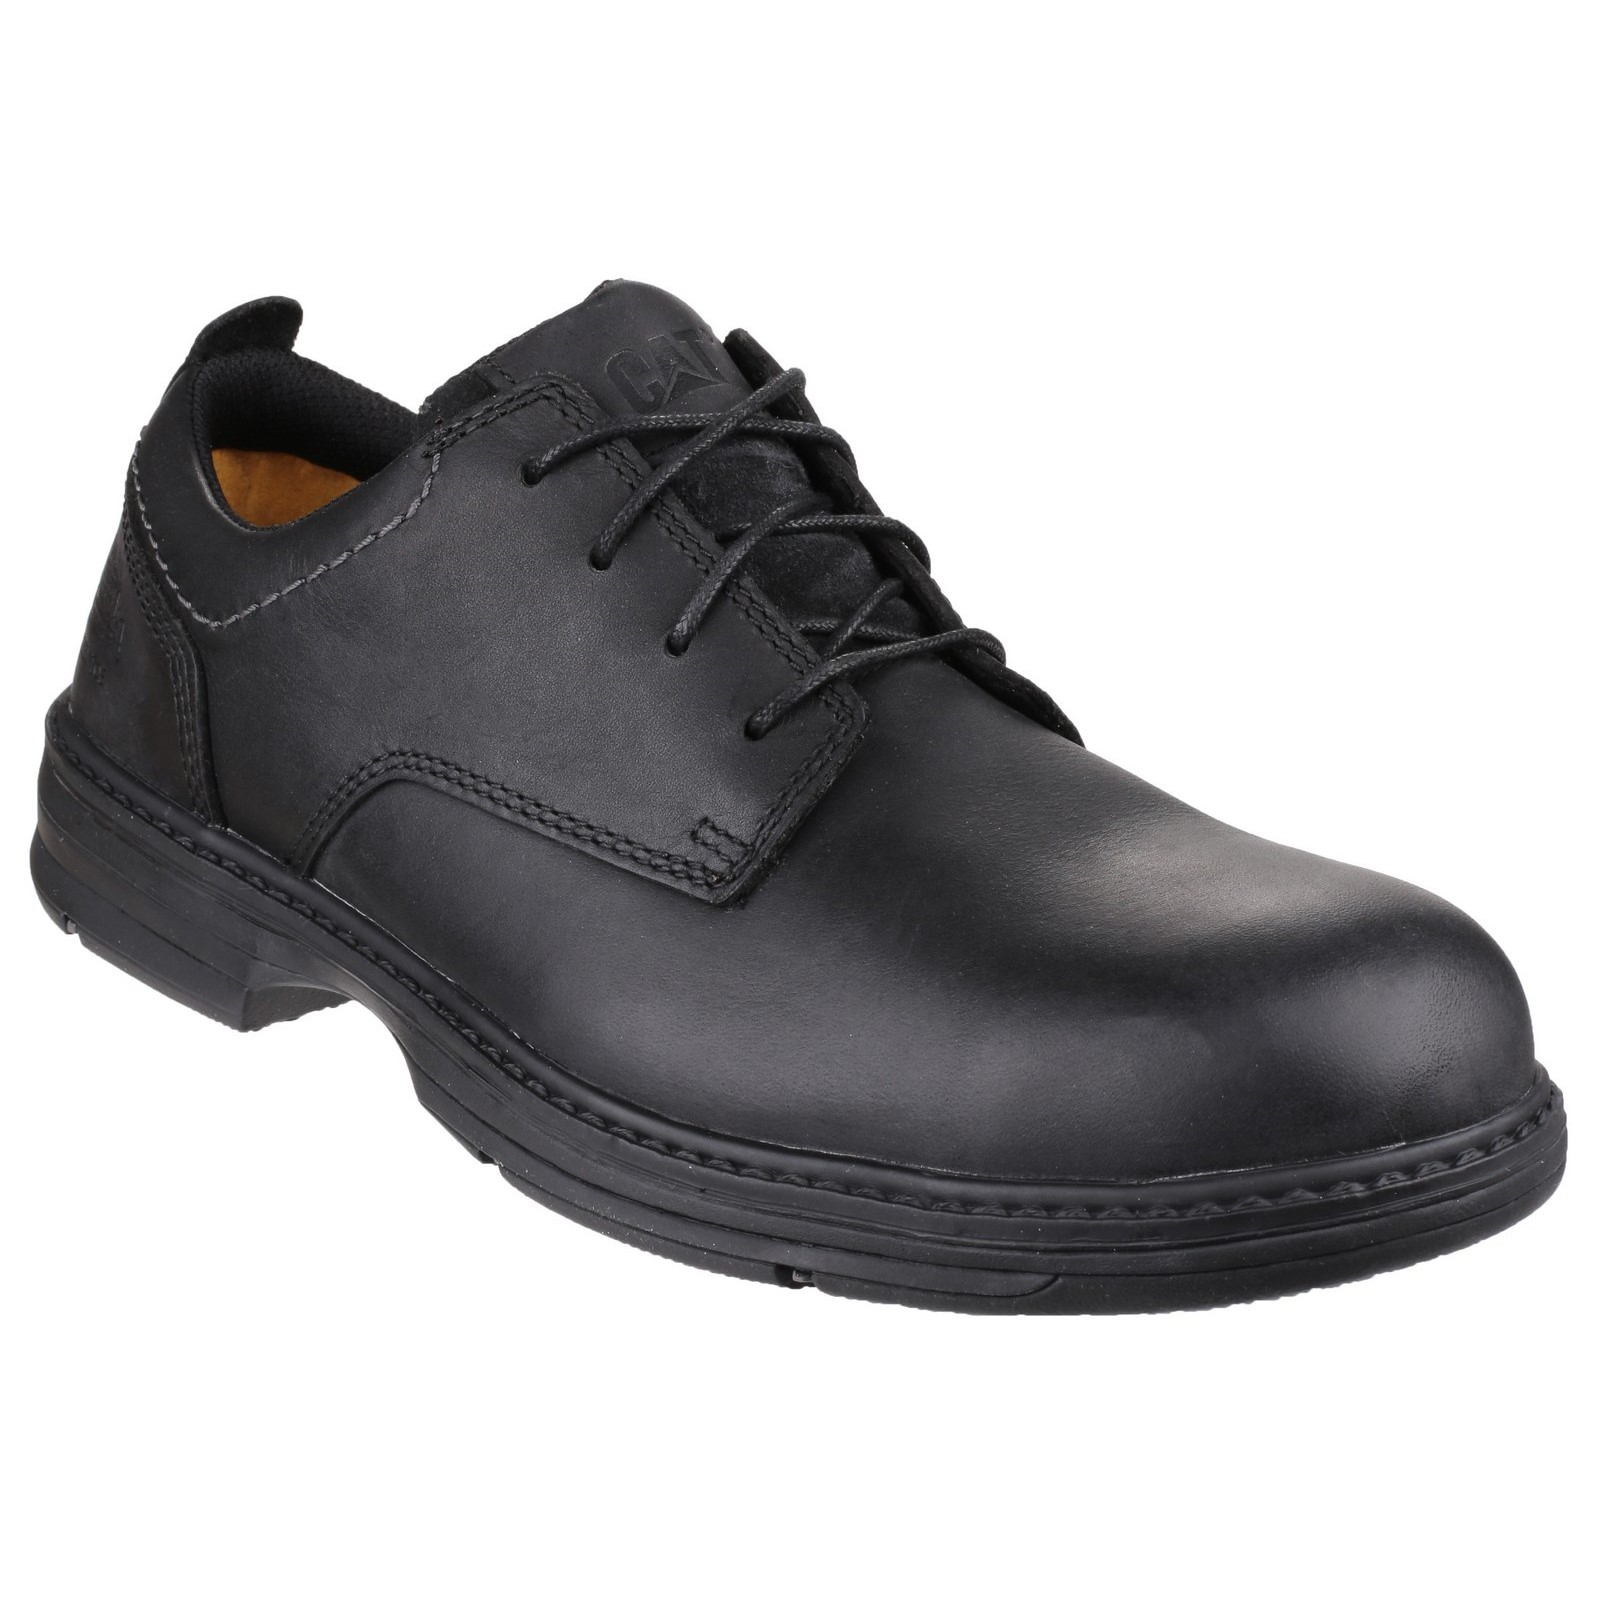 Caterpillar Hombre Inherit Zapato Zapato Zapato de Seguridad 1bad2d